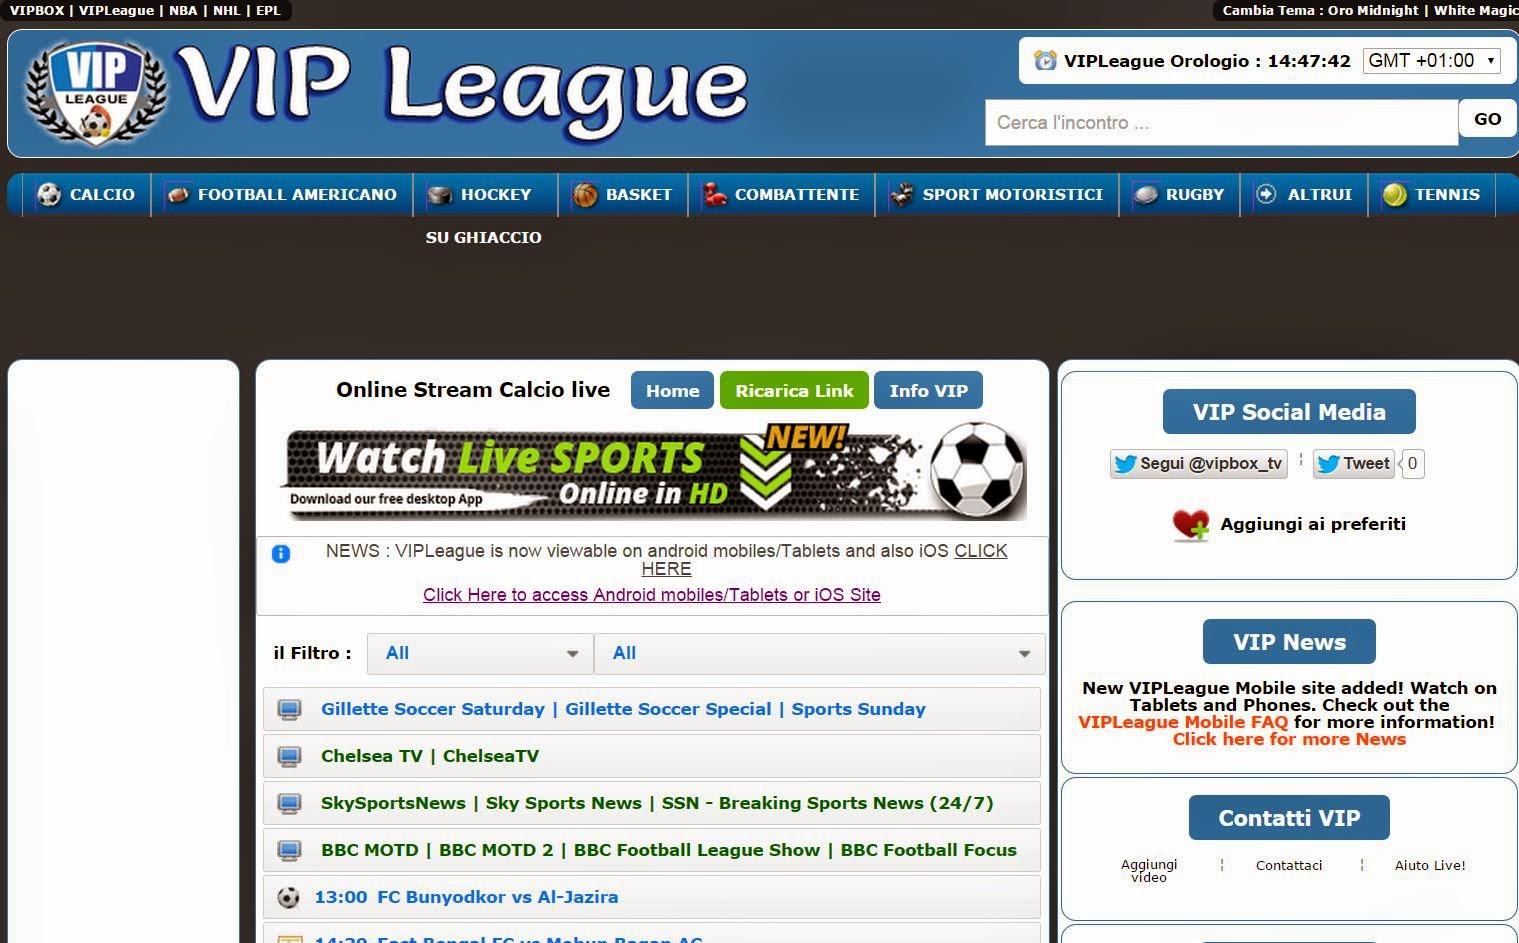 Come vedere gratis sul PC la Champions e l'Europa League